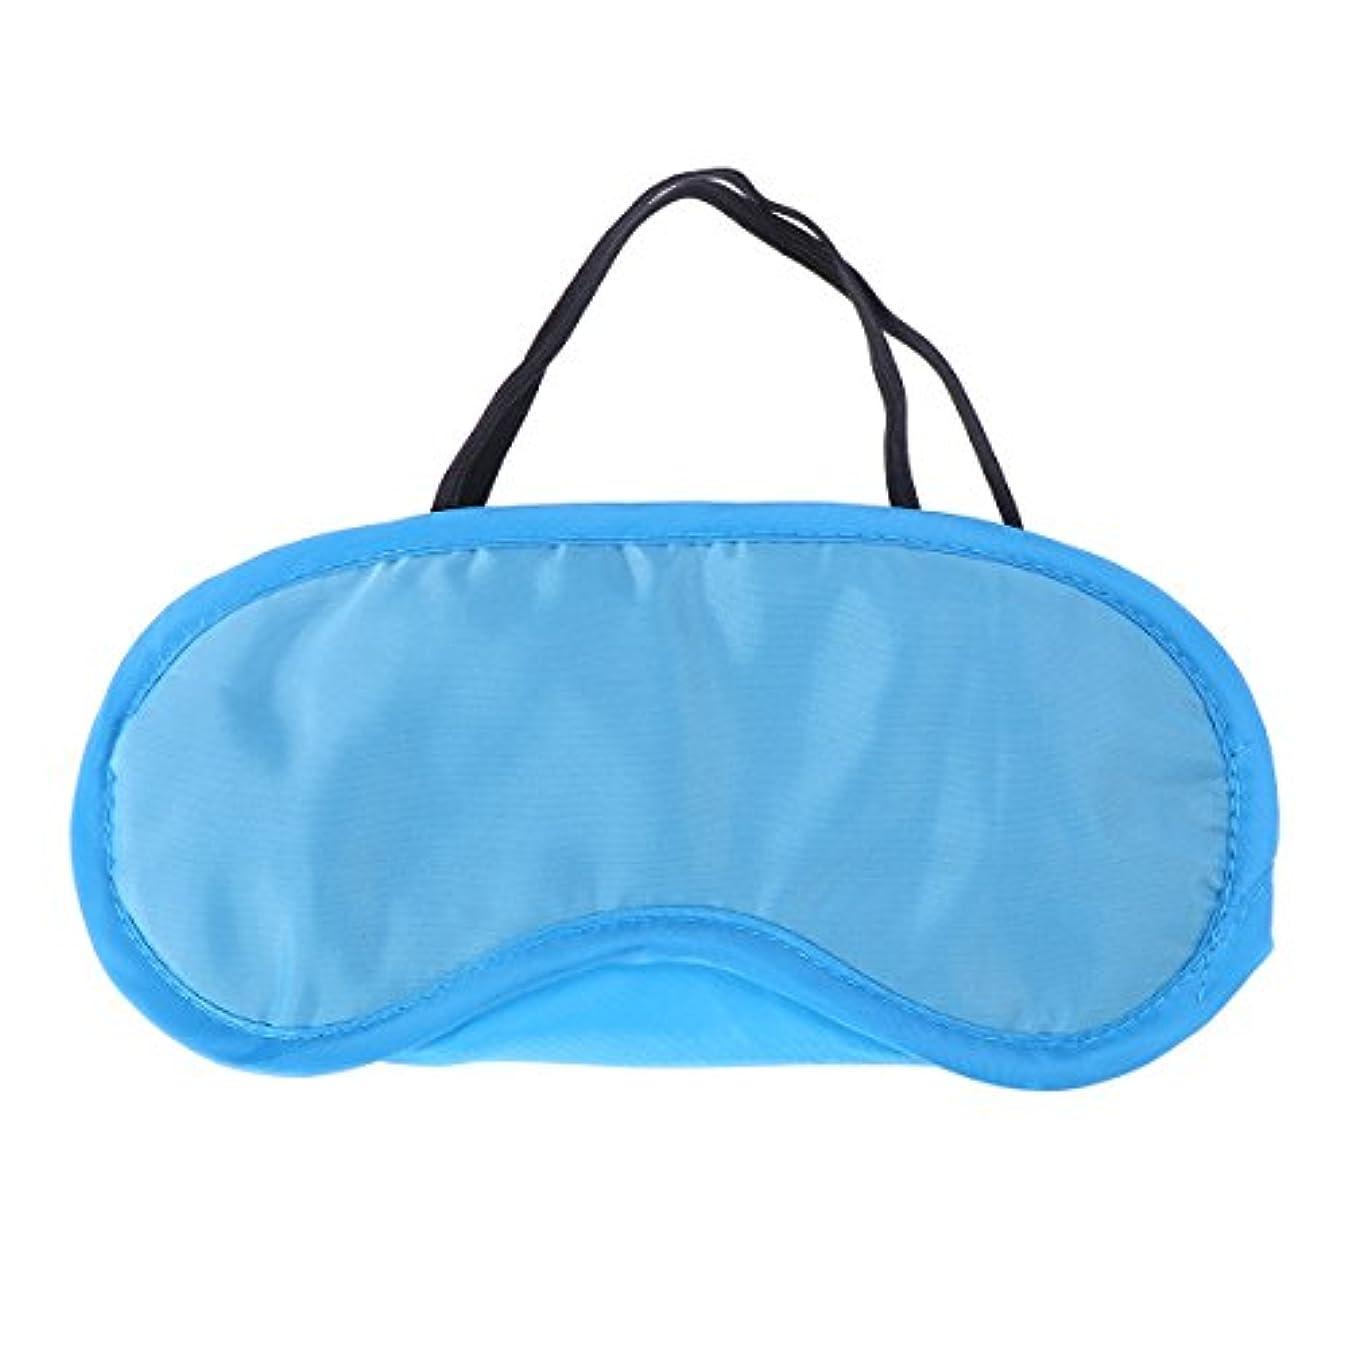 無視プロトタイプあたたかいHEALIFTY 軽量で快適な睡眠のための調整可能なアイマスク(旅行用スカイブルー)